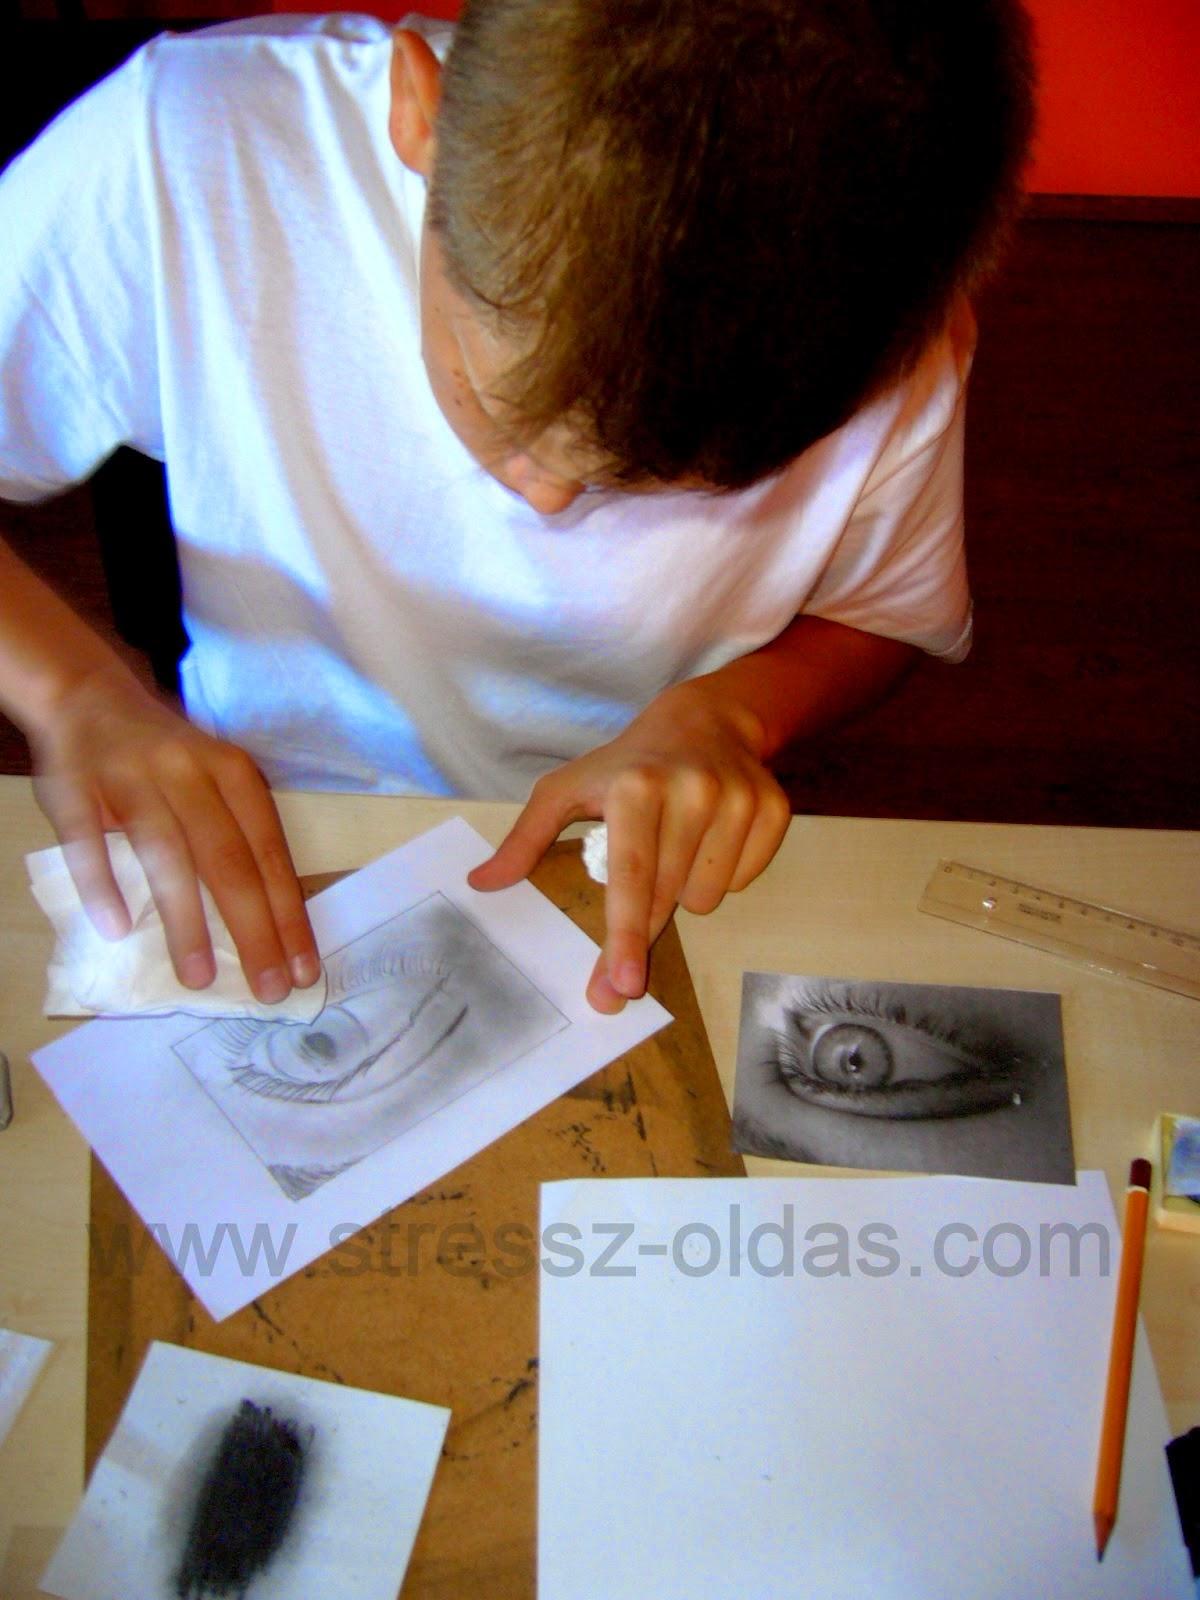 Jobb agyféltekés rajztábor gyerekeknek, Szombathely, jún. 29-30. - júl. 1. (klikk a képre)